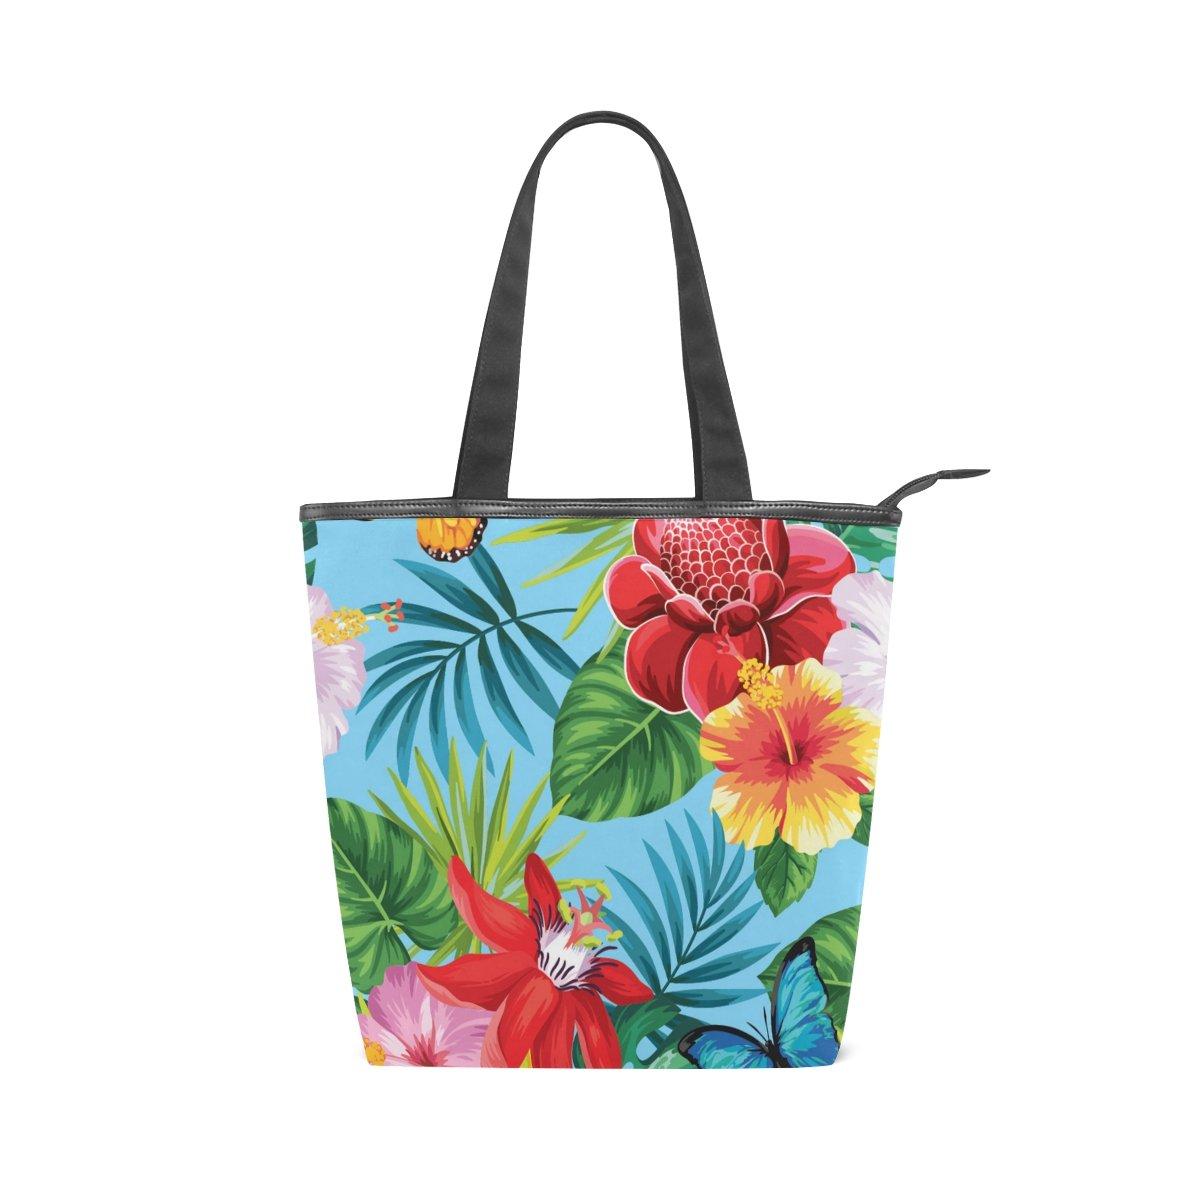 7fb3ea99b46e Amazon.com: Women Durable Canvas Handbag Tropical Palm Leaves ...